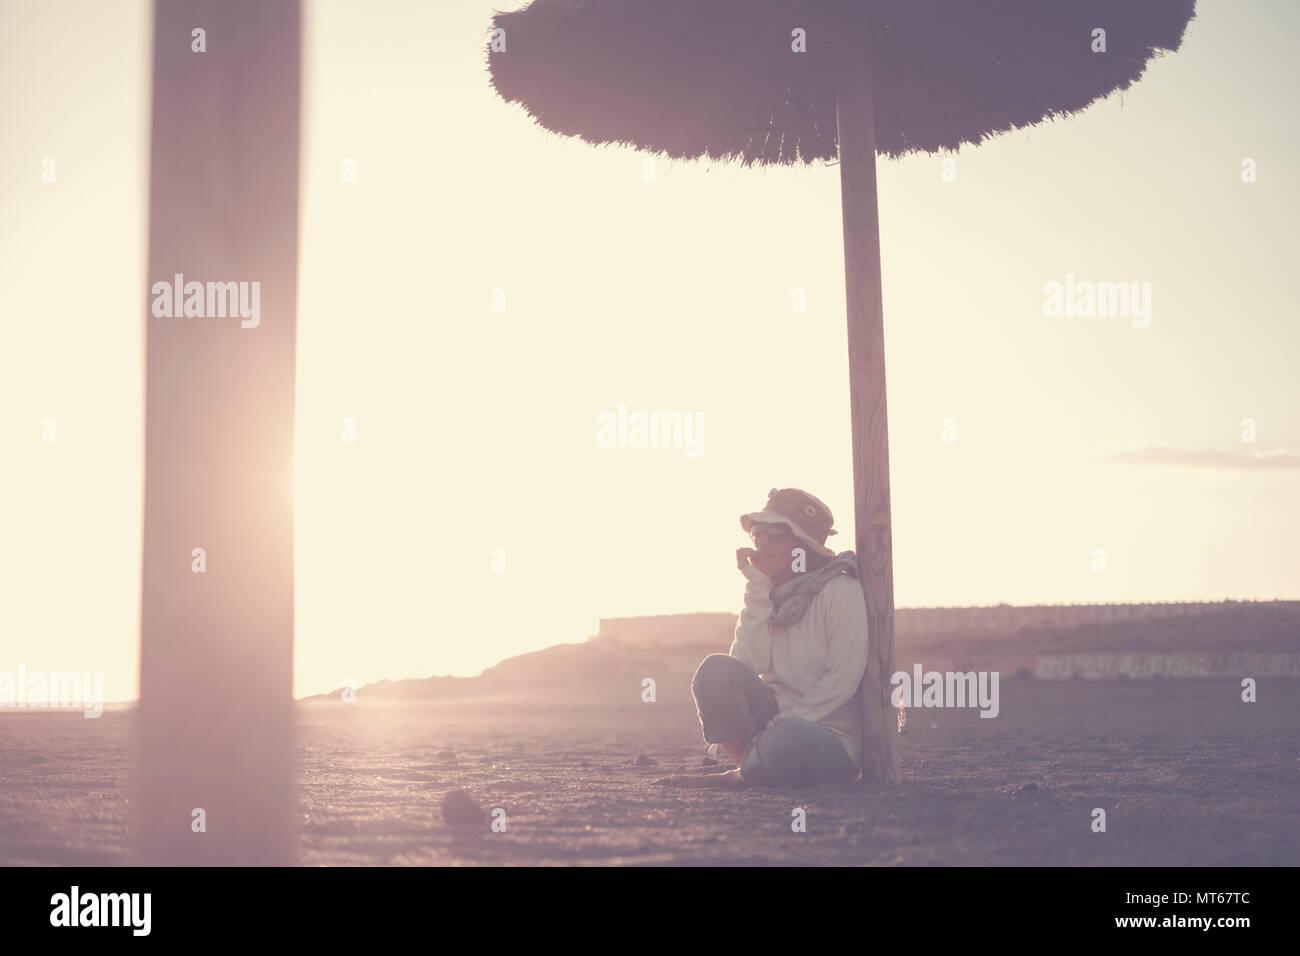 Einsam schönen mittleren Alter Frauen sitzen am Strand mit Sonnenuntergang Licht im Hintergrund. Teneriffa malerische Ort für Urlaub. Sommer leisu Stockbild